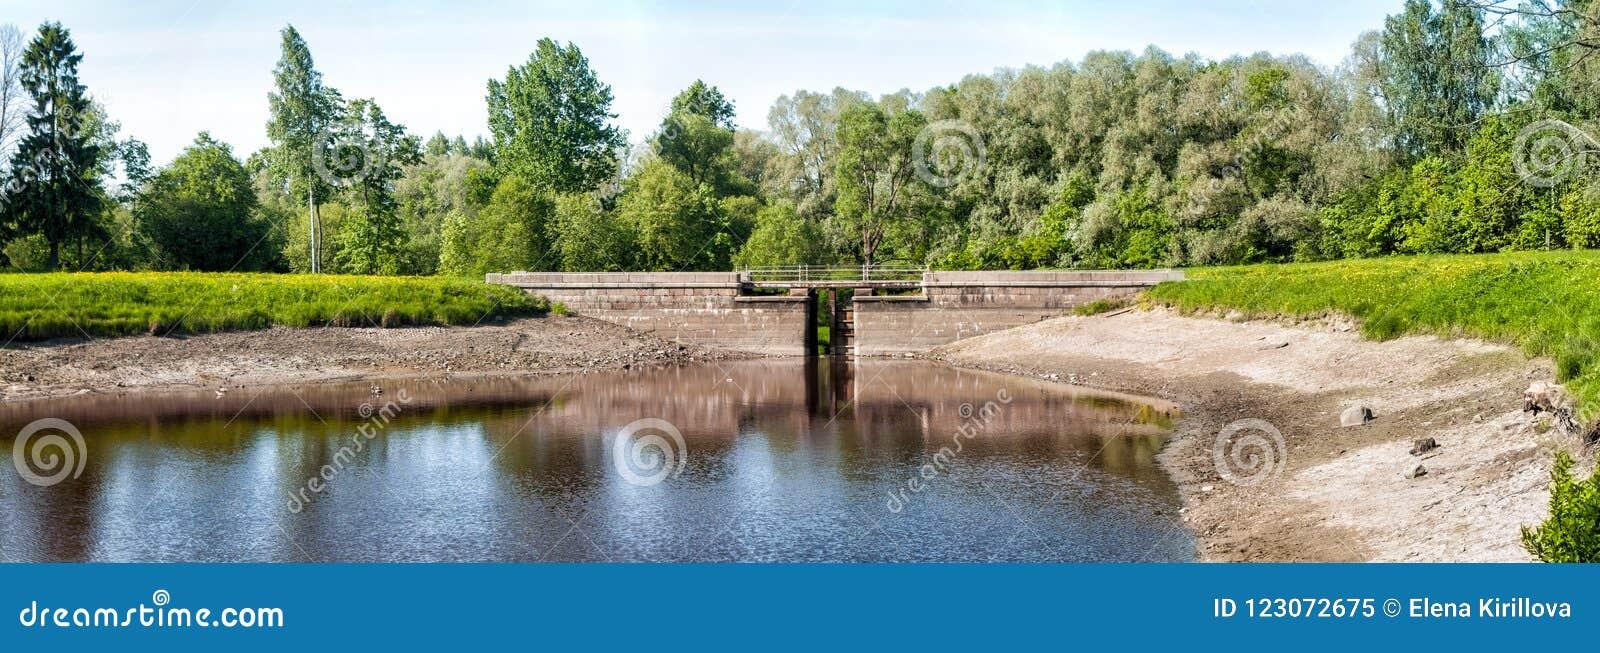 Για τους πεζούς γέφυρα στη λίμνη στο πάρκο την πρώιμη άνοιξη στο cle